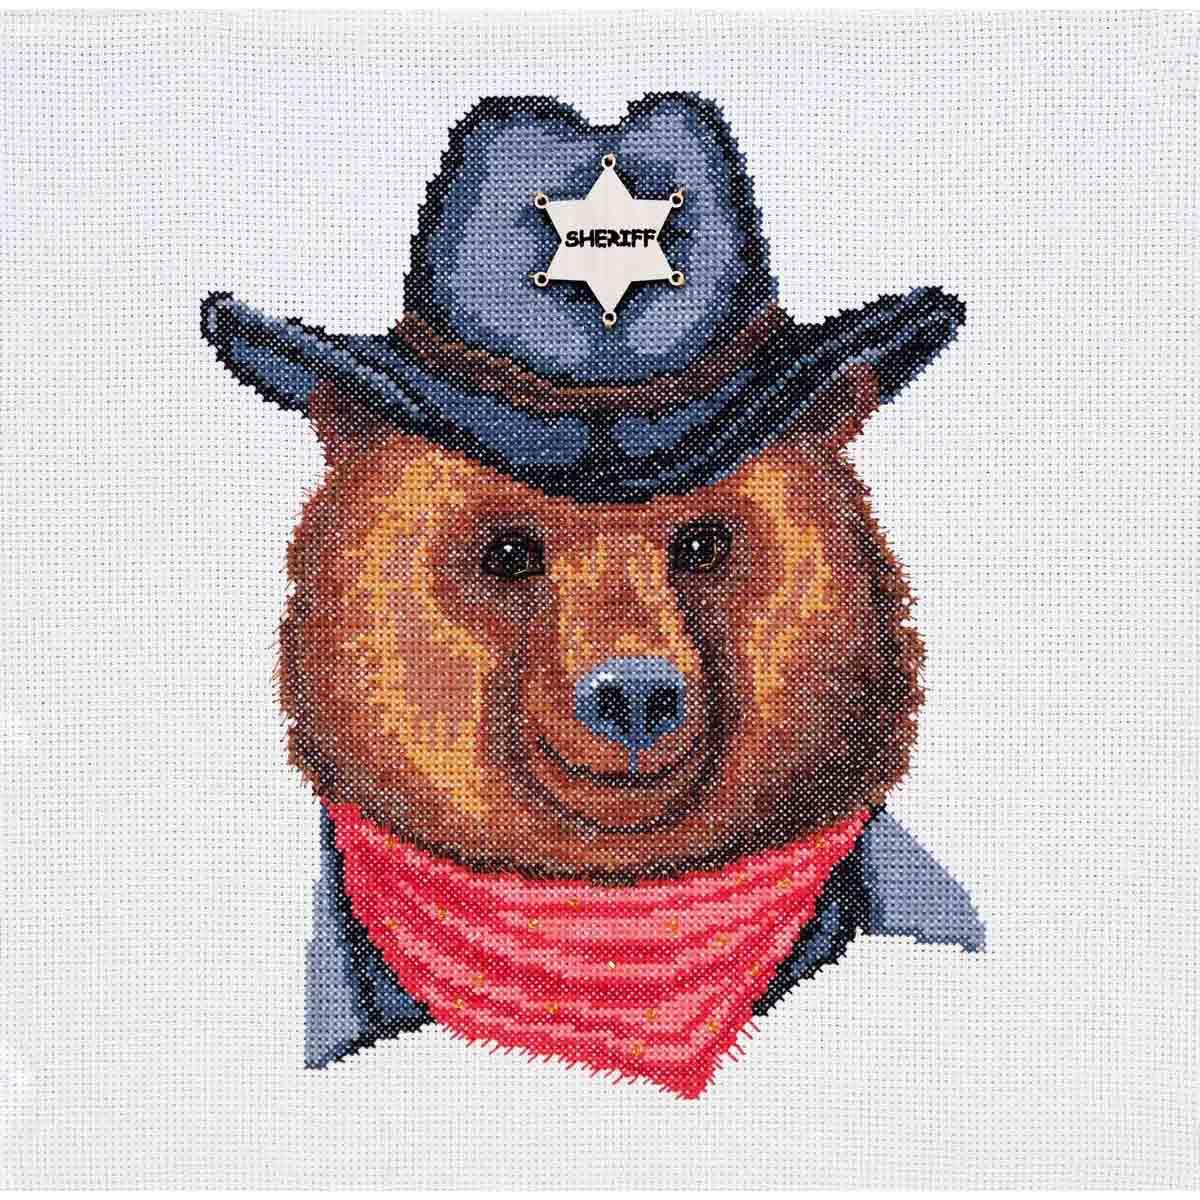 К-180 Набор для вышивания крестом Созвездие 'Шериф' 18,5*24см